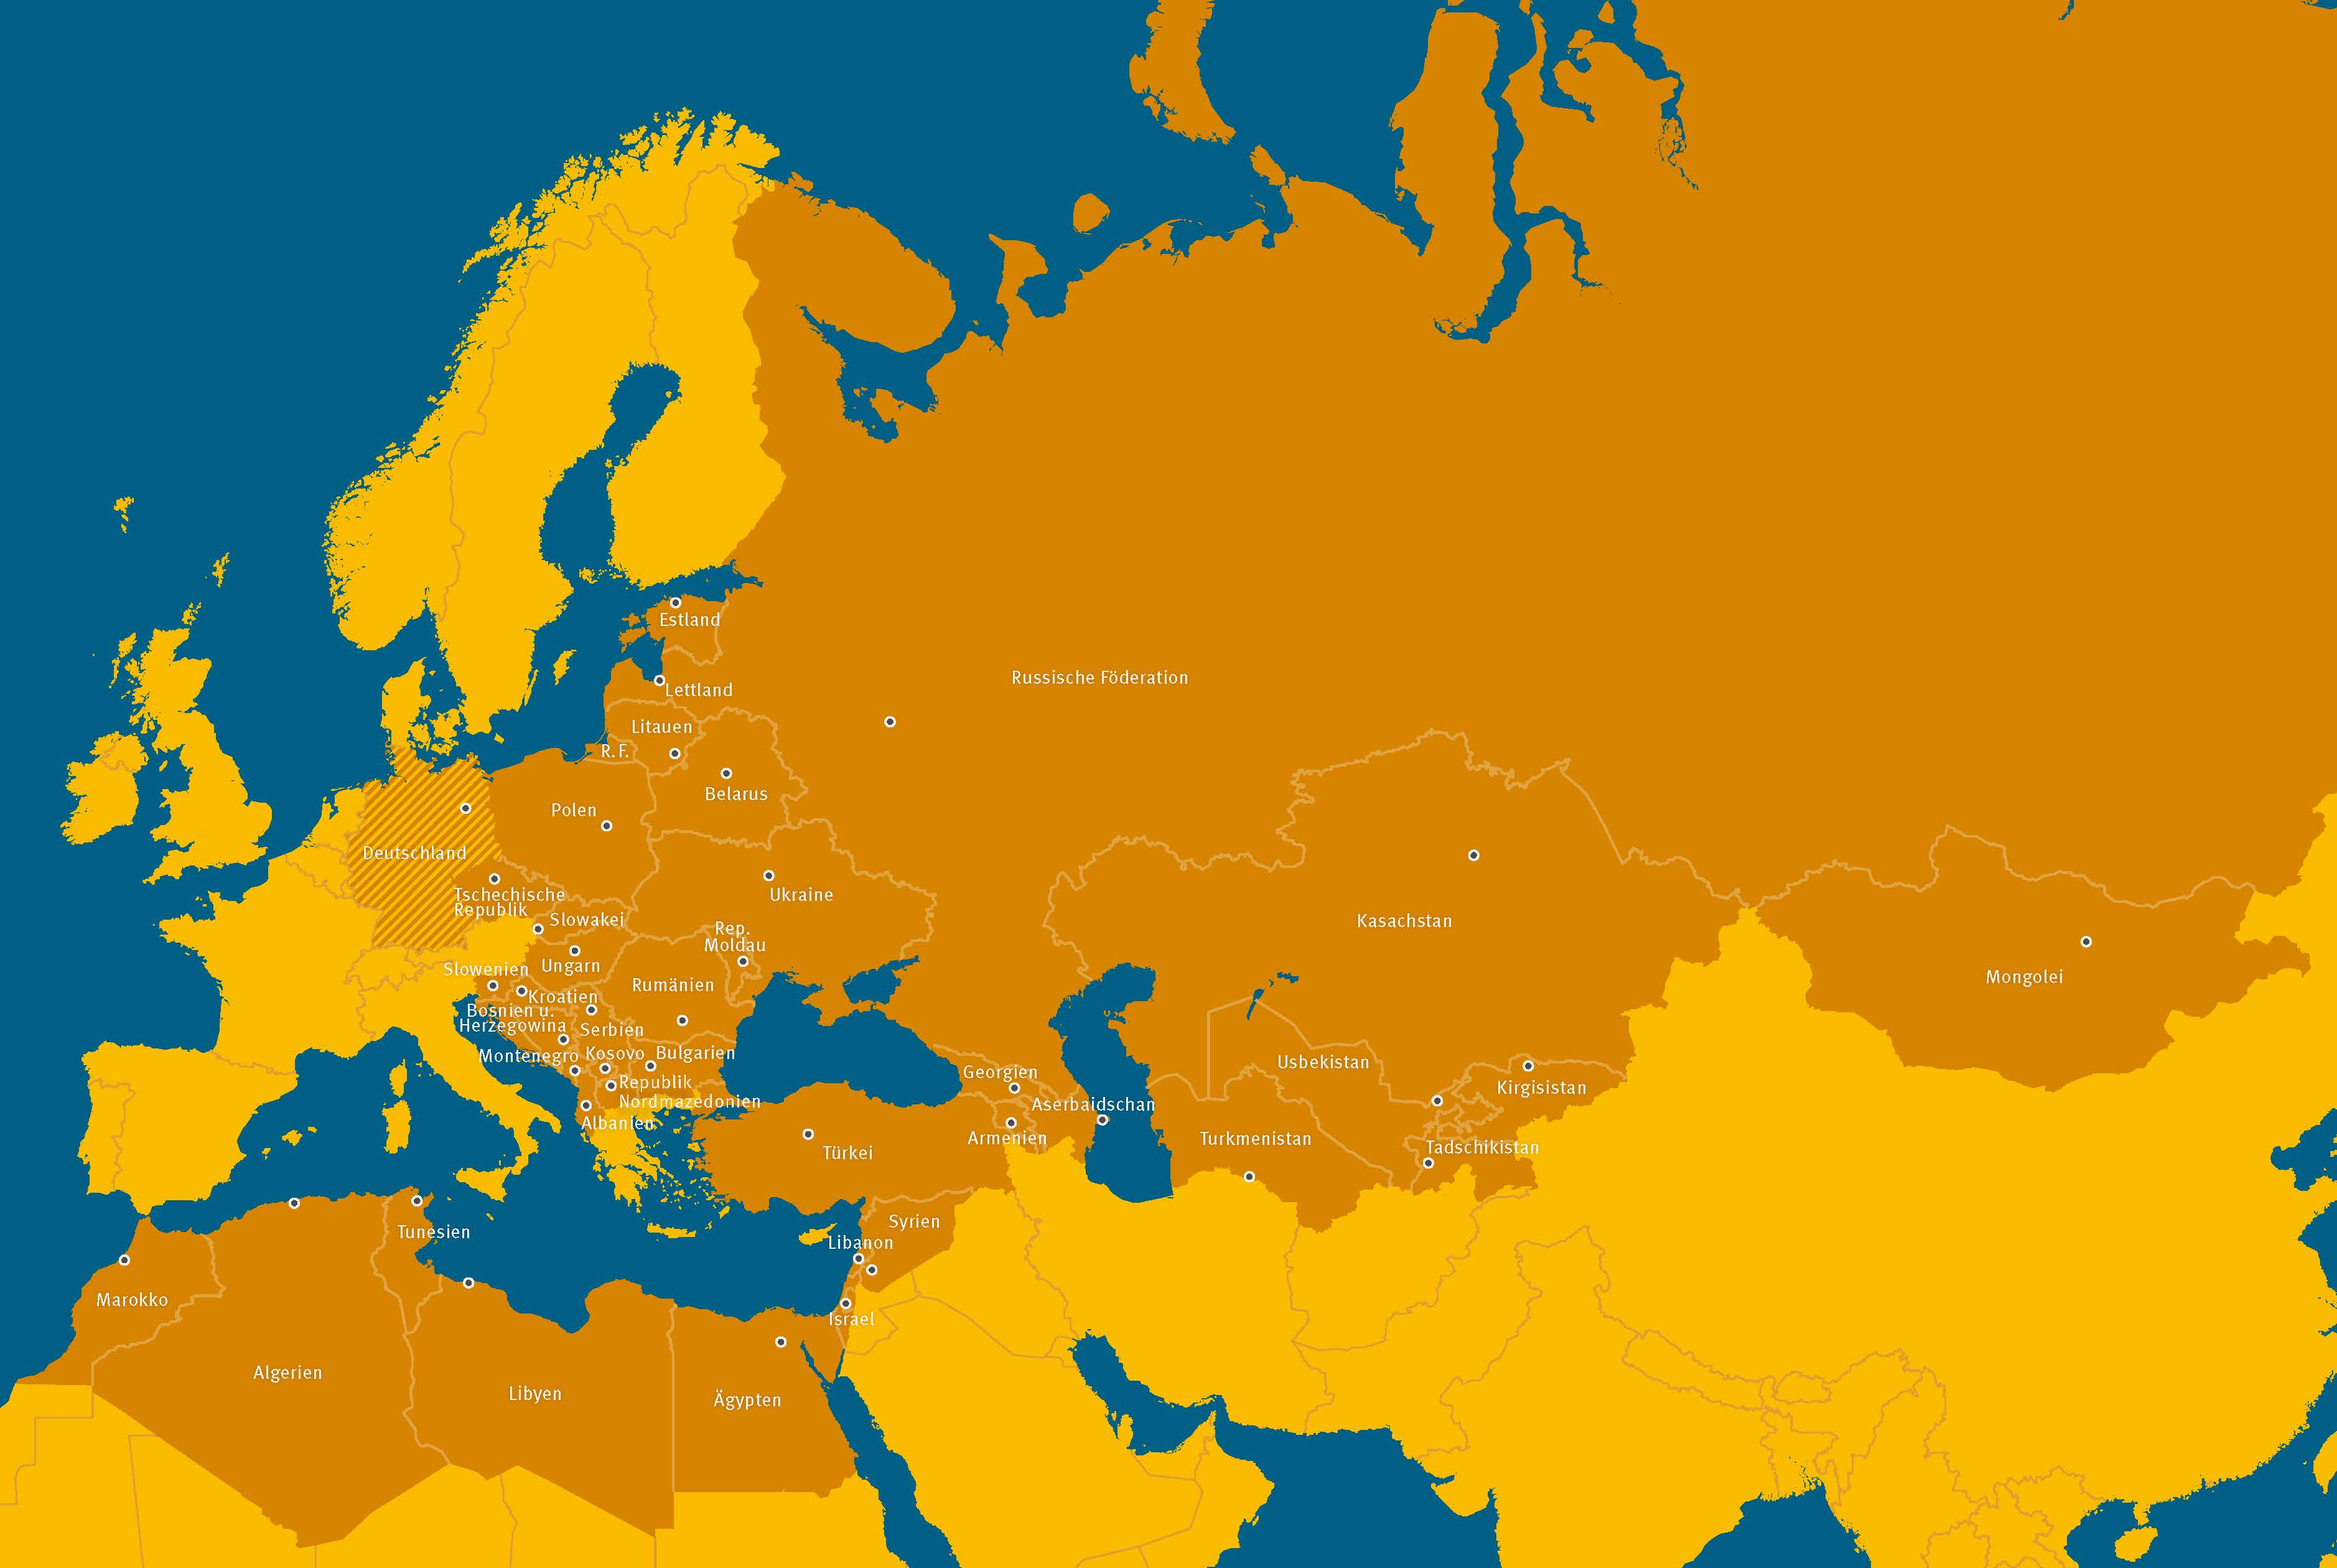 Landkarte Mittel- und Osteuropa, Kaukasus, Zentralasien, Teile der MENA-Region, Mongolei, Russland